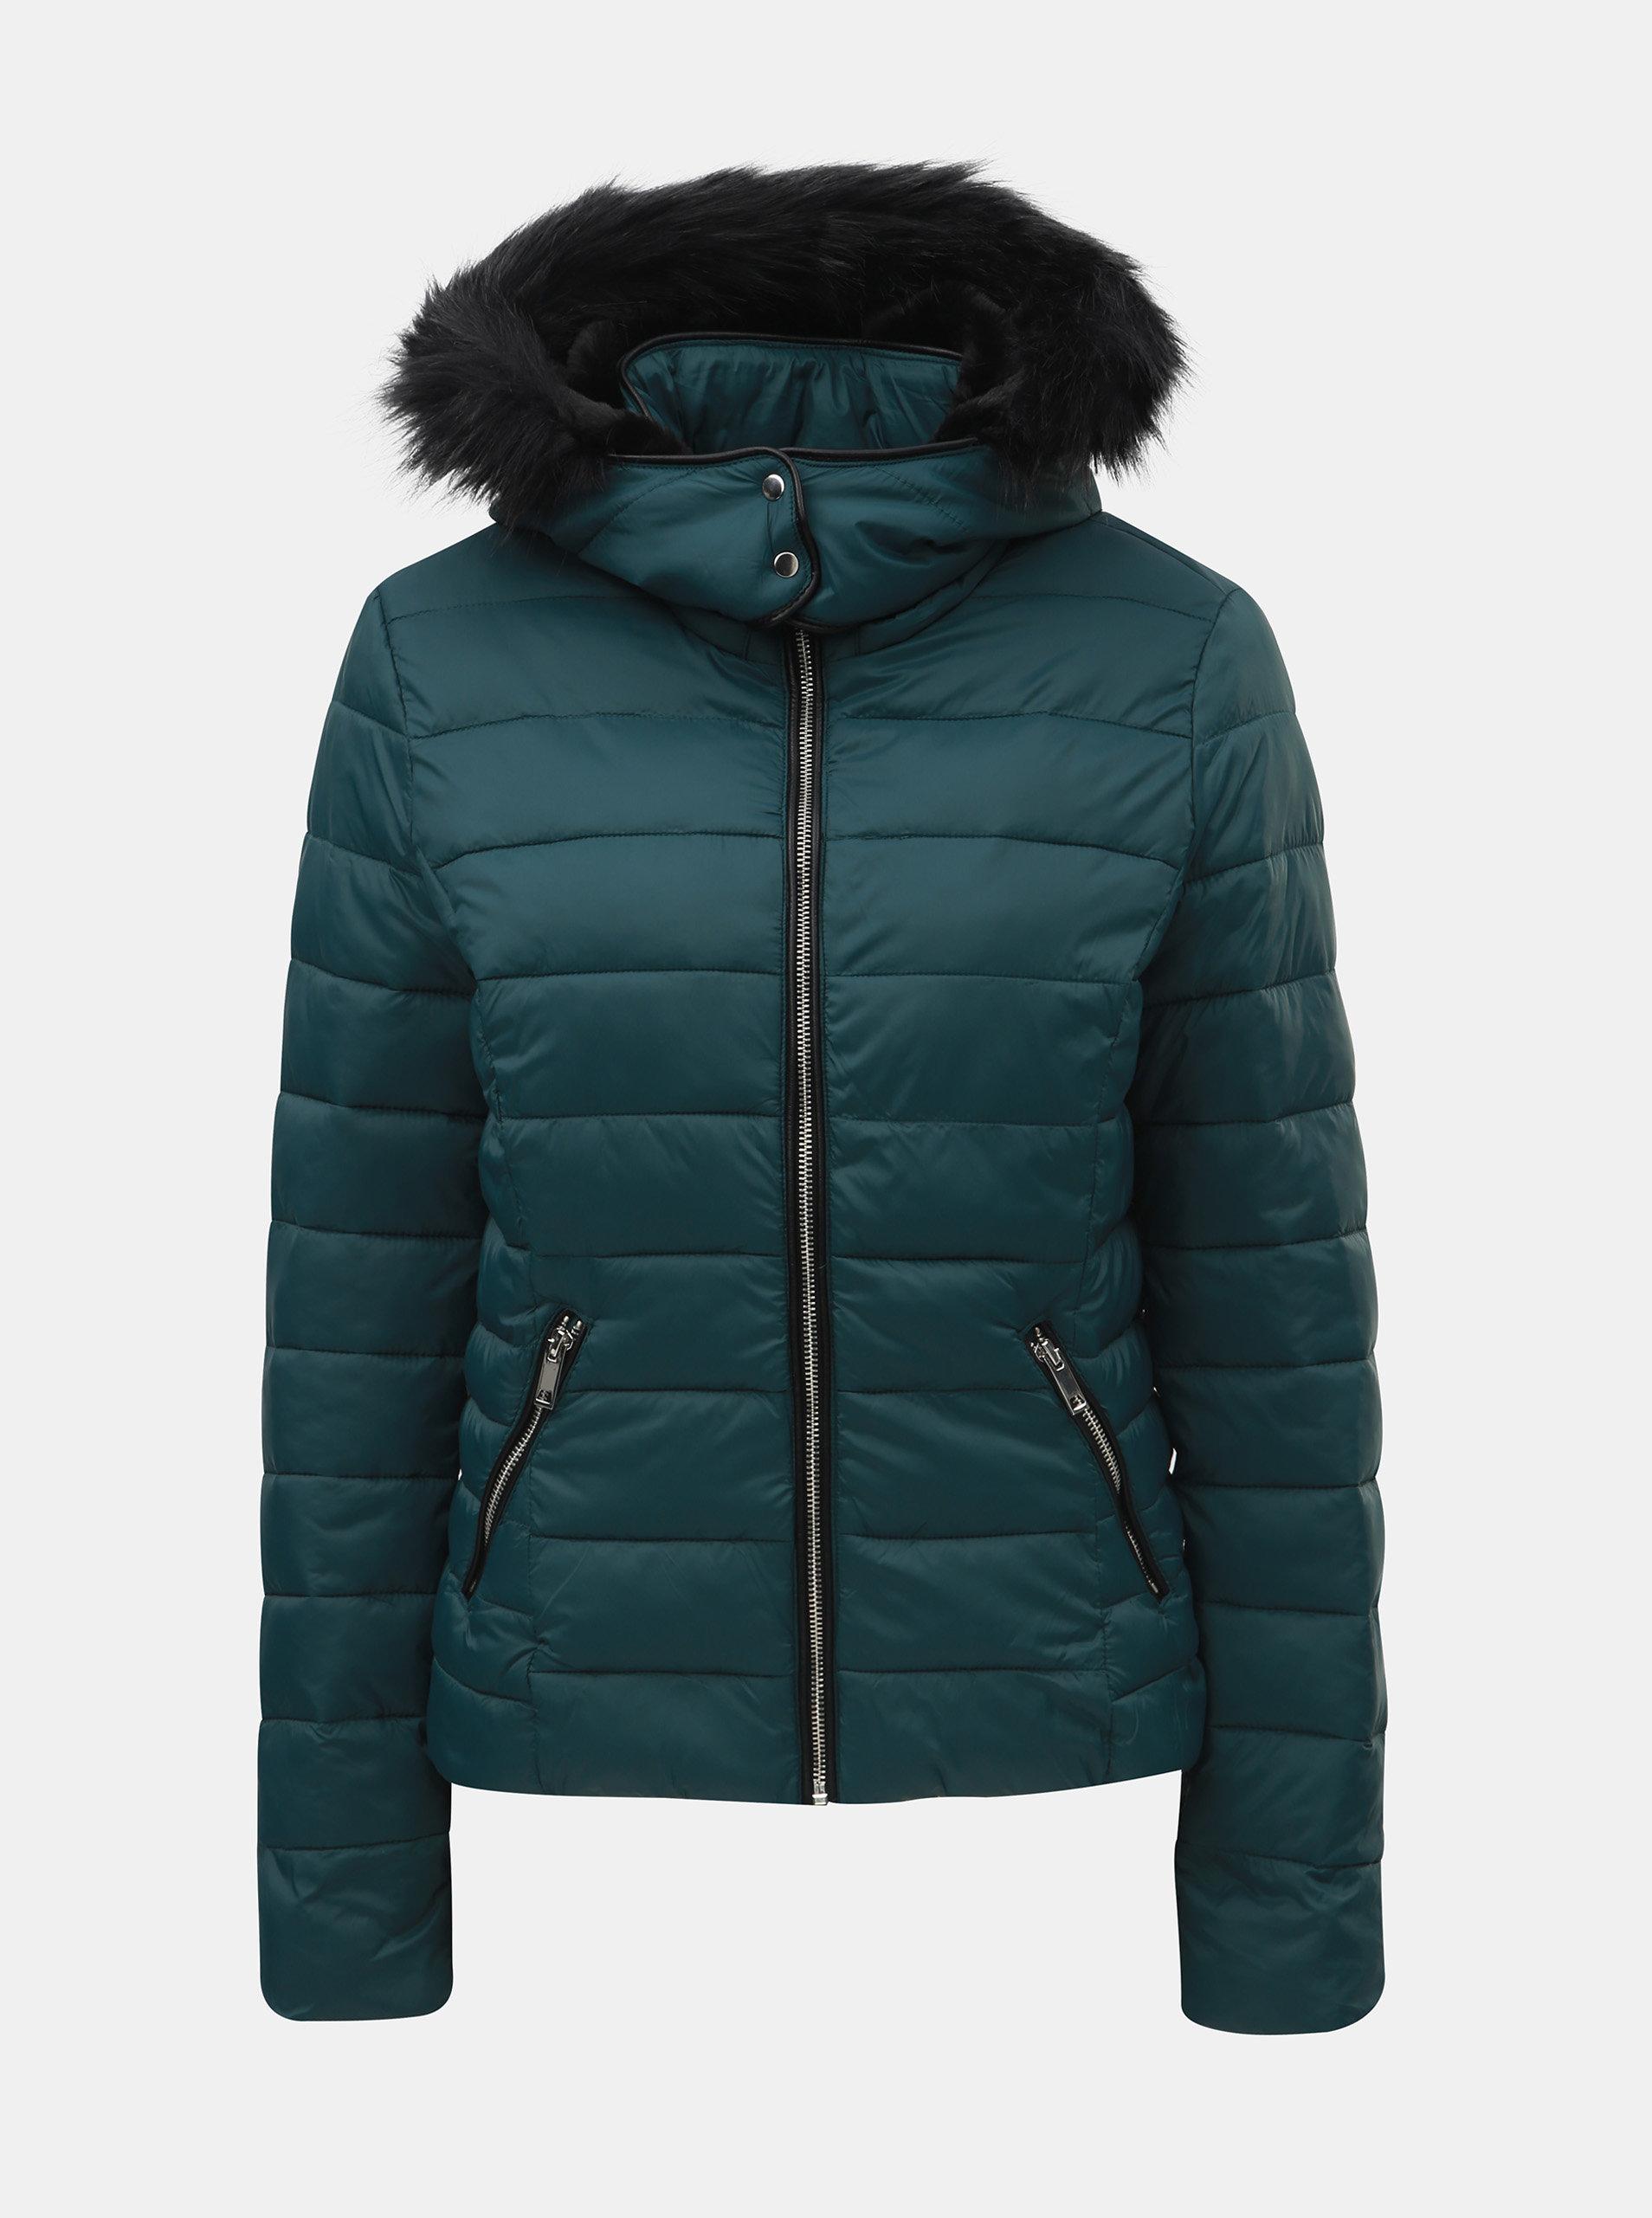 Petrolejová prešívaná zimná bunda s odnímateľnou kapucňou TALLY WEiJL ... 9073a1b72ea